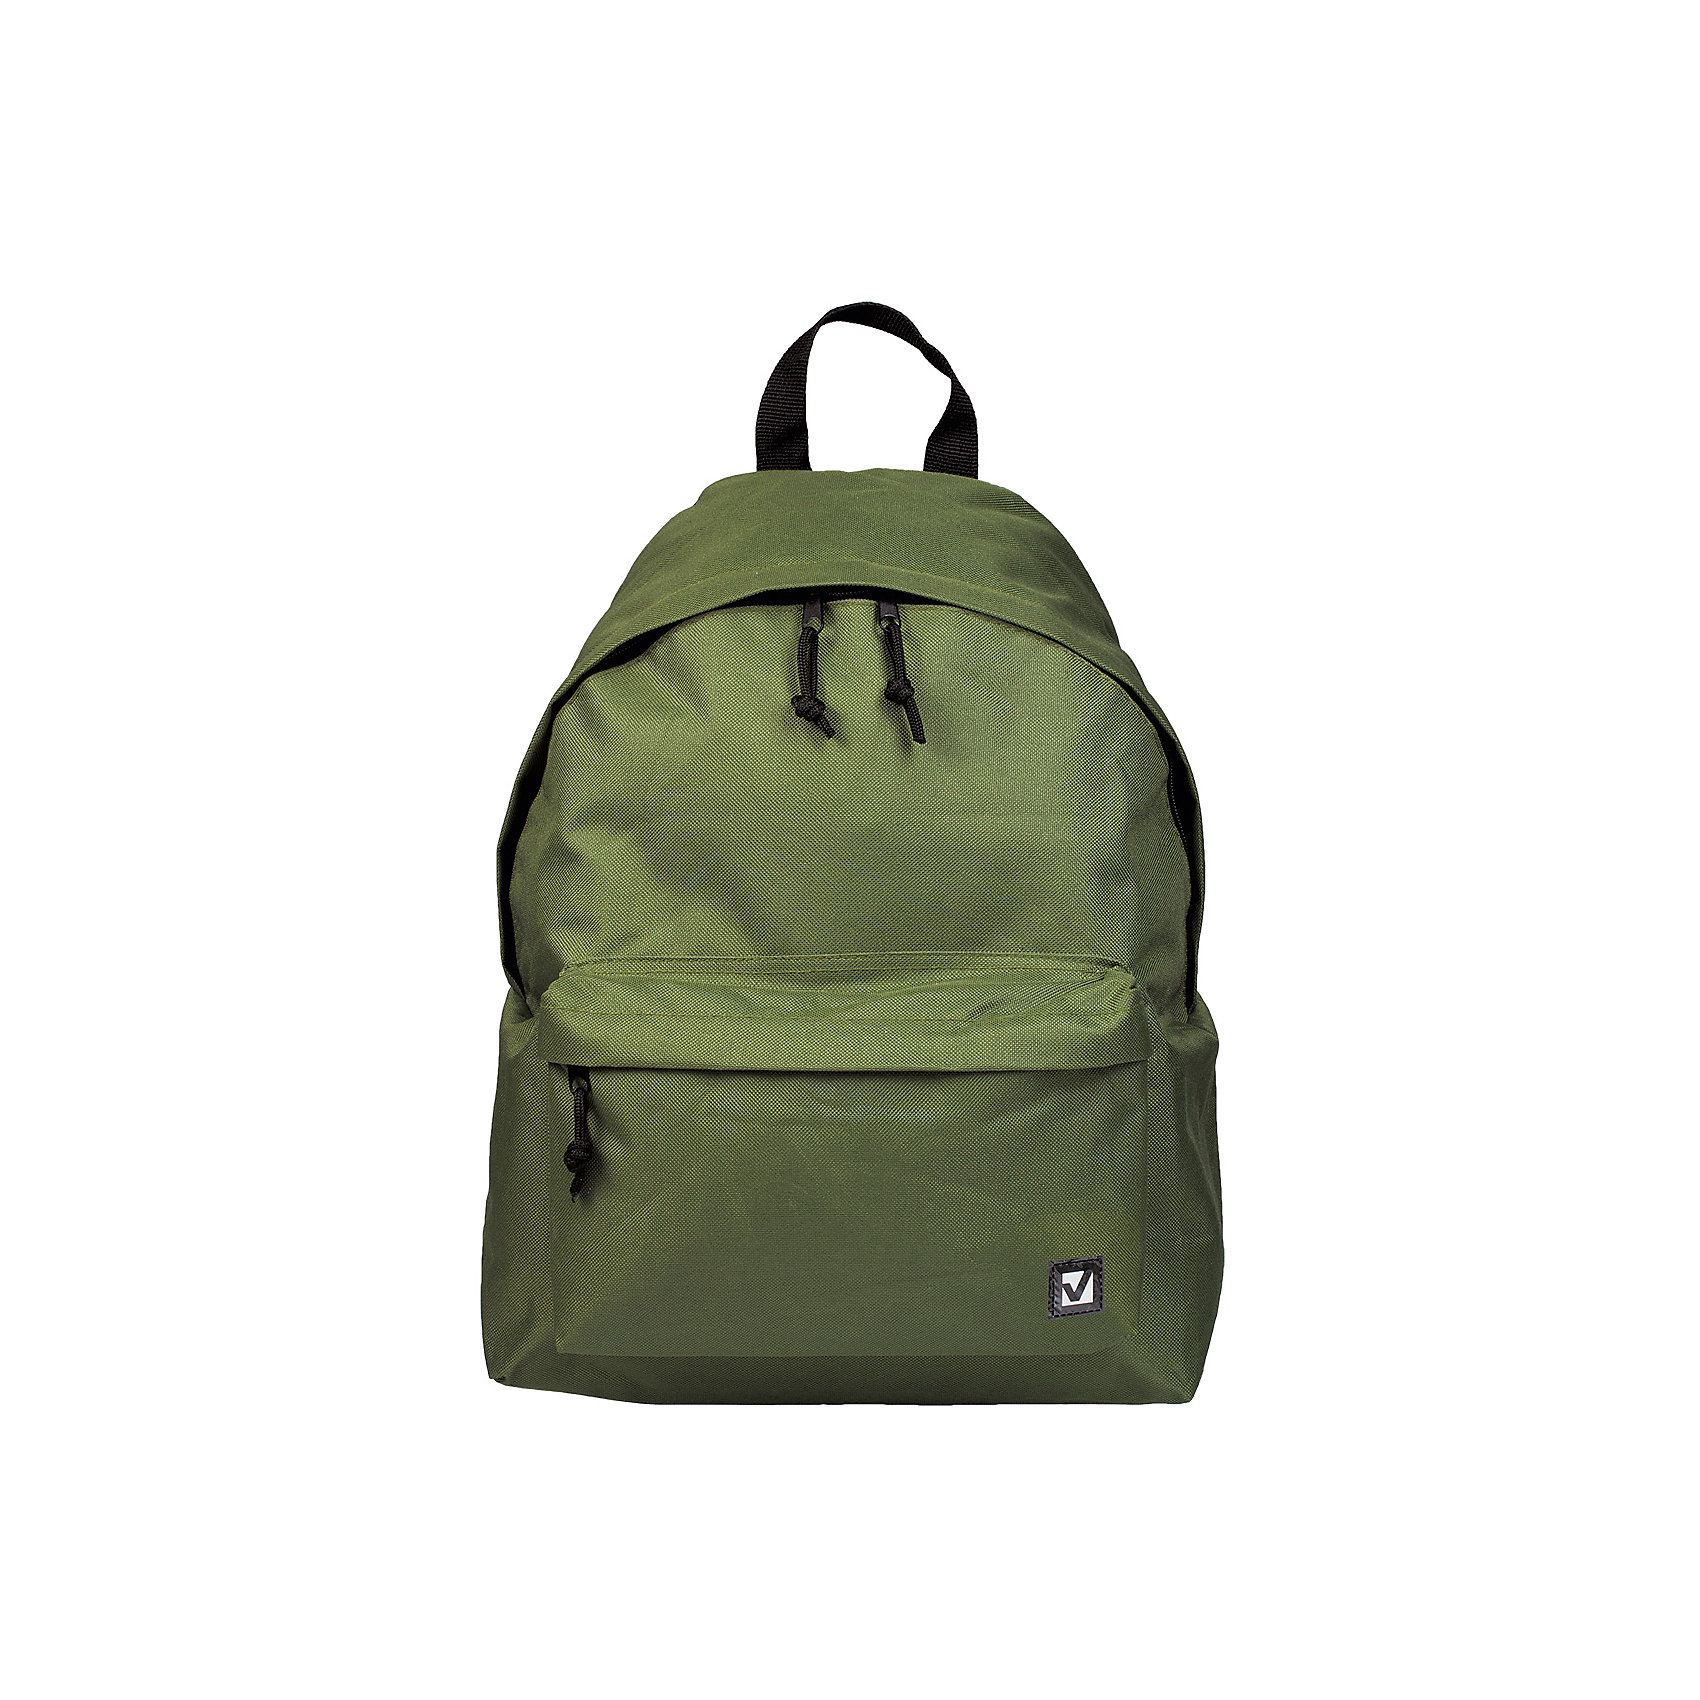 Рюкзак Brauberg Классика зеленый, 20 литровРюкзаки<br>Классический однотонный рюкзак сдержанных расцветок станет незаменимым спутником активной молодежи, которая ценит практичность. Плотная ткань рюкзака обеспечит сохранность содержимого, а вместительное отделение позволит иметь при себе все необходимое.•1 отделение, 1 карман. •Водоотталкивающая ткань. •Широкие регулируемые лямки. •Размер - 41х32х14 см. •Цвет - зеленый. •Объем - 20 литров.<br><br>Ширина мм: 20<br>Глубина мм: 320<br>Высота мм: 405<br>Вес г: 350<br>Возраст от месяцев: 72<br>Возраст до месяцев: 2147483647<br>Пол: Унисекс<br>Возраст: Детский<br>SKU: 6893775